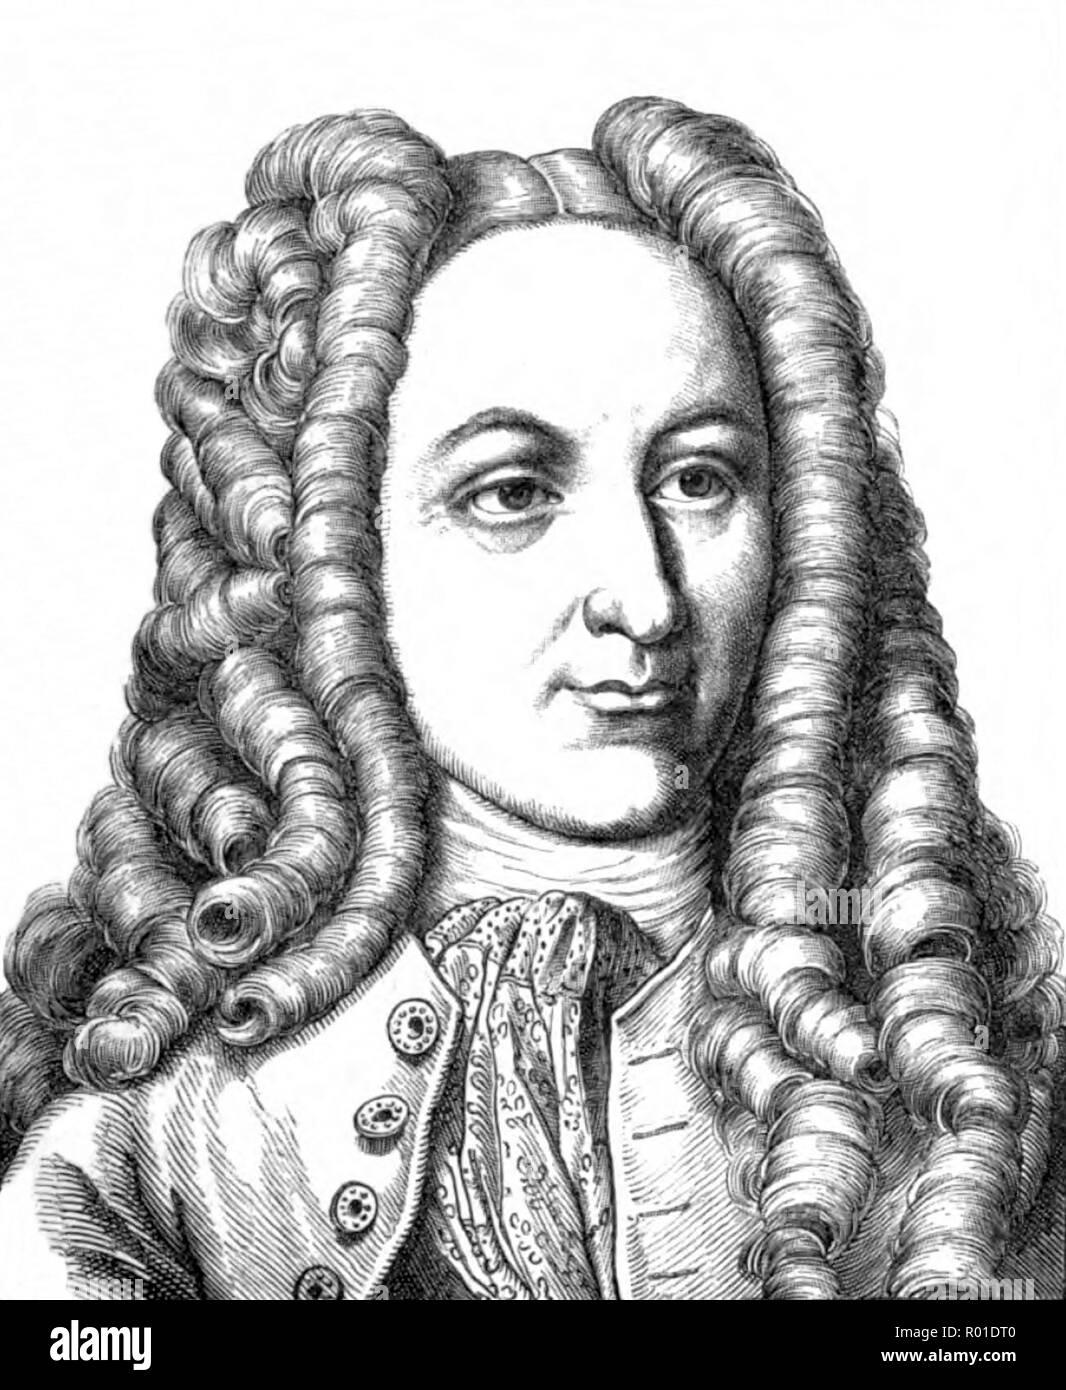 Johann Georg von Eckhart (1664 – 1730) German historian and linguist - Stock Image